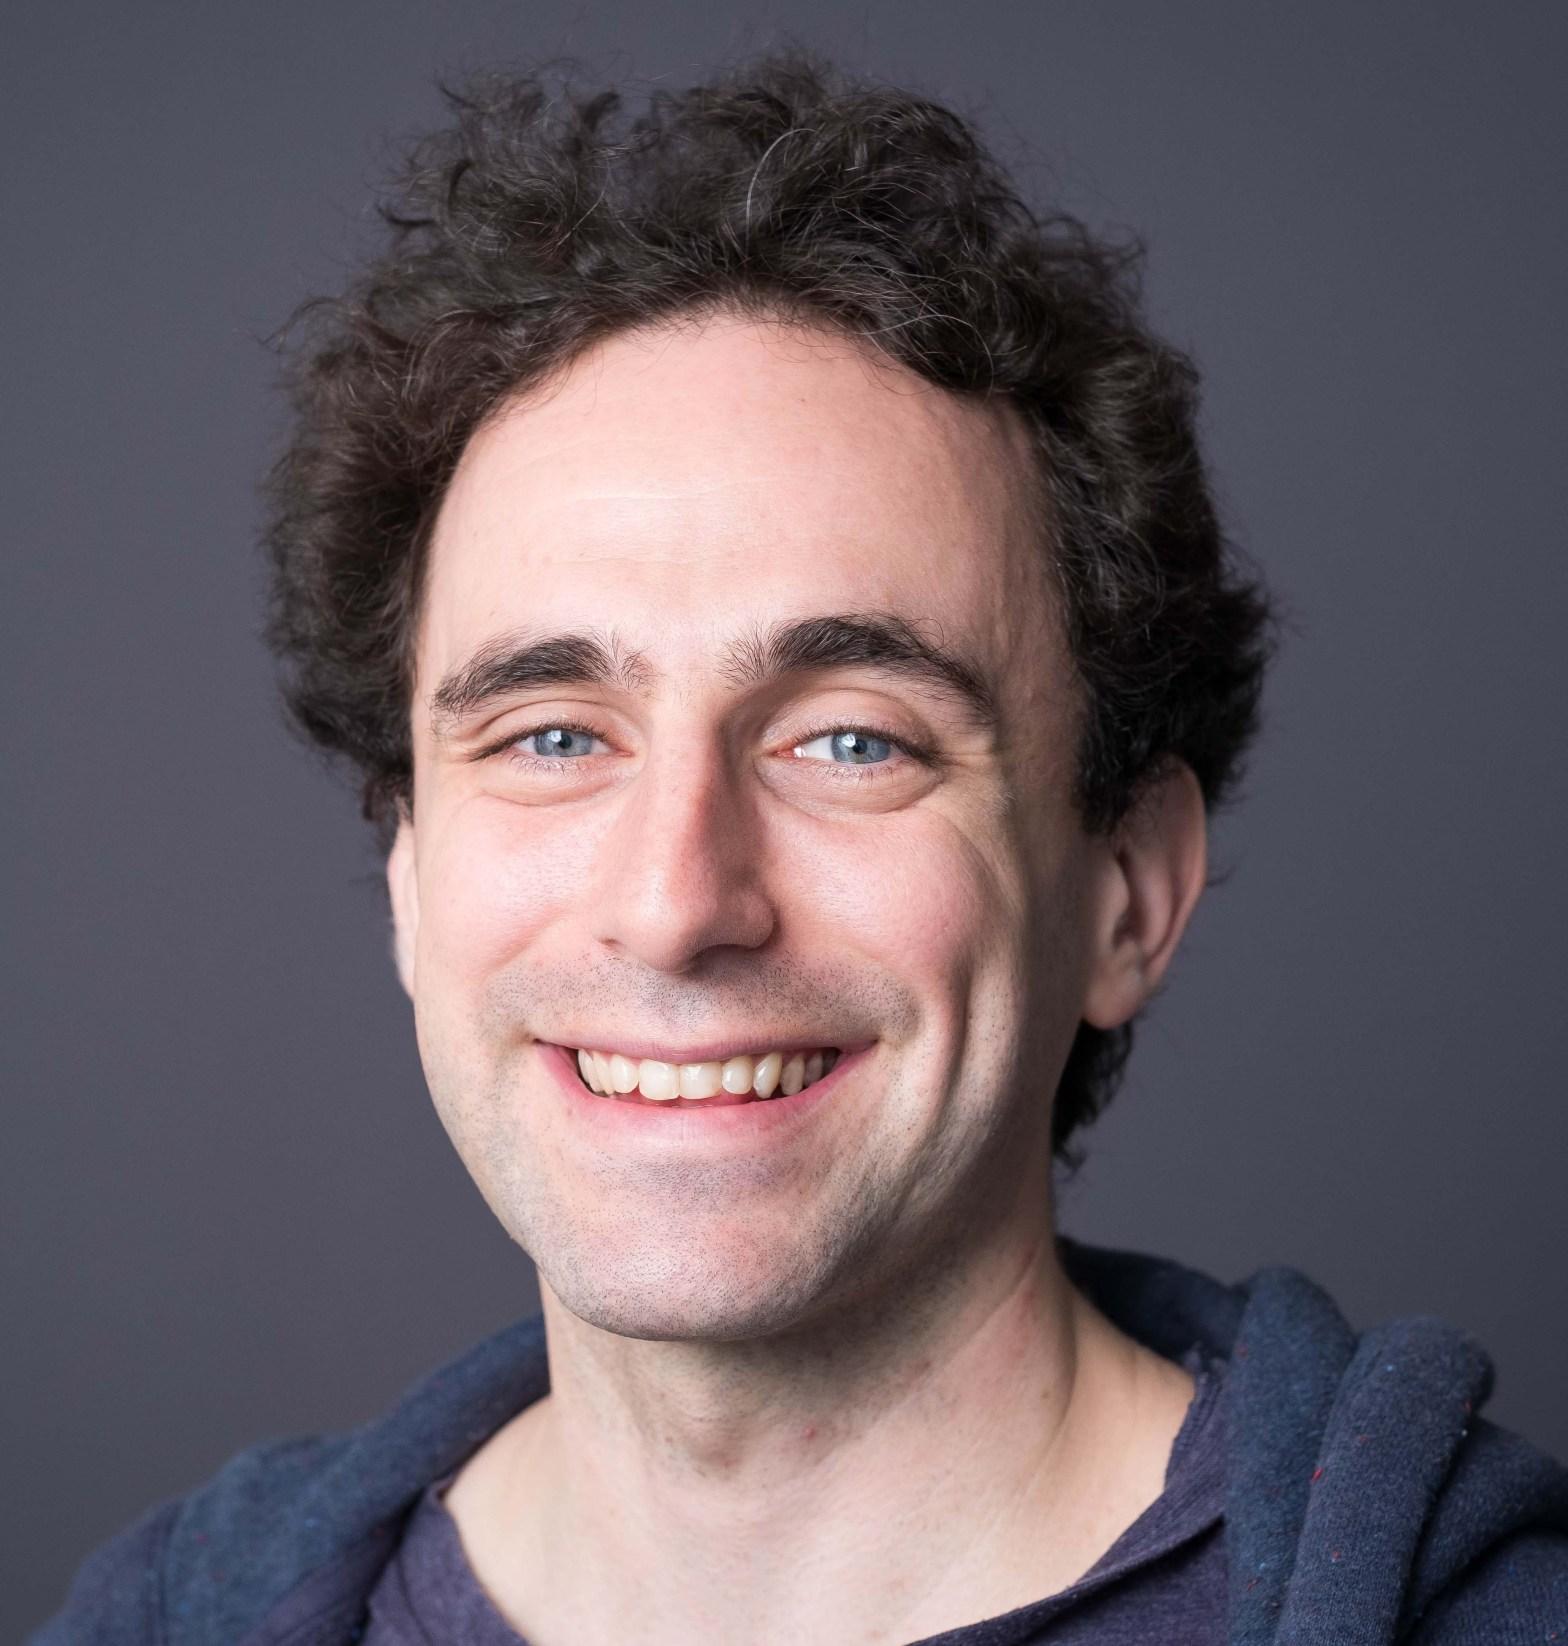 Dr. Norman Farb, Associate Professor